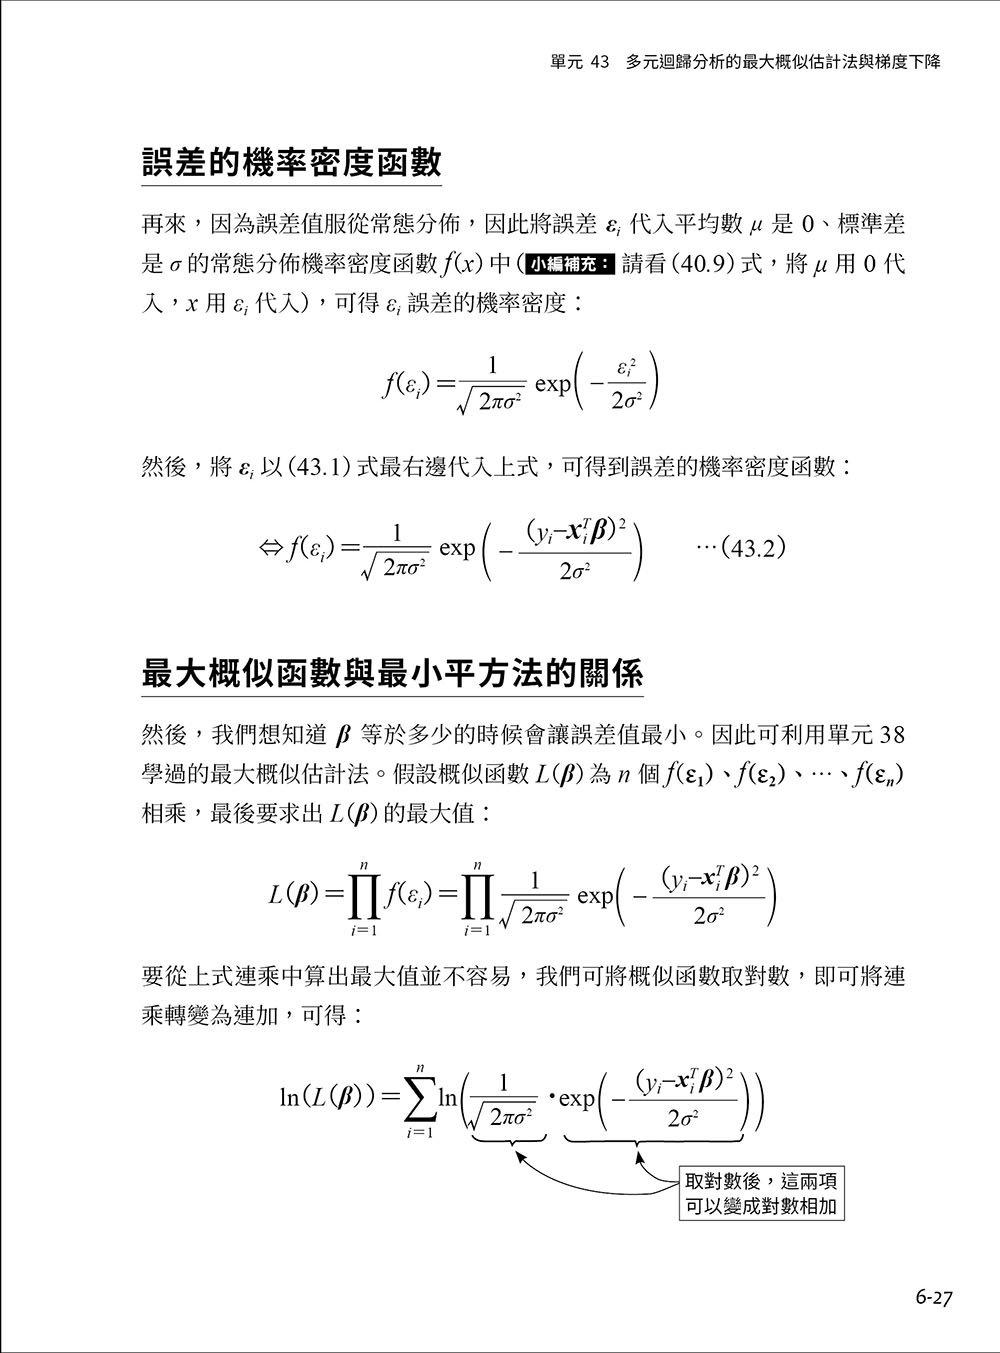 機器學習的數學基礎 : AI、深度學習打底必讀-preview-6